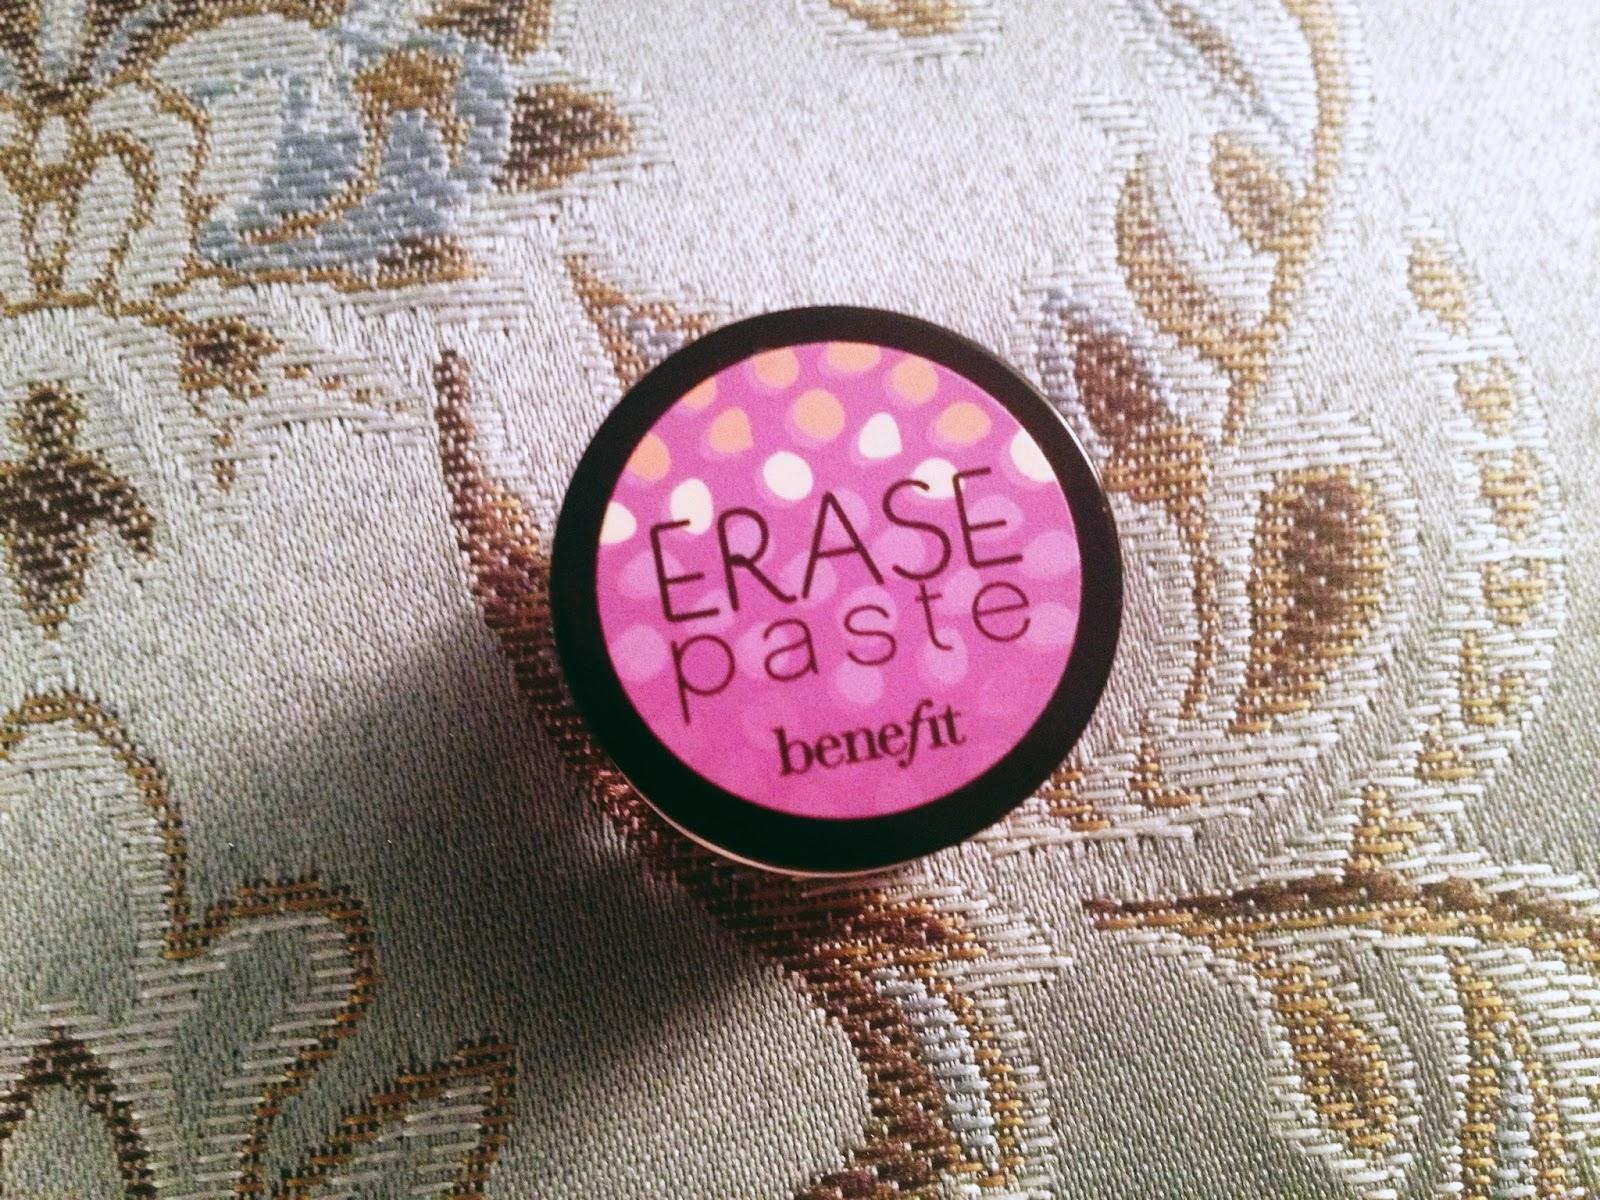 Image erase paste sample tube. Jpg | benefit cosmetics wiki.